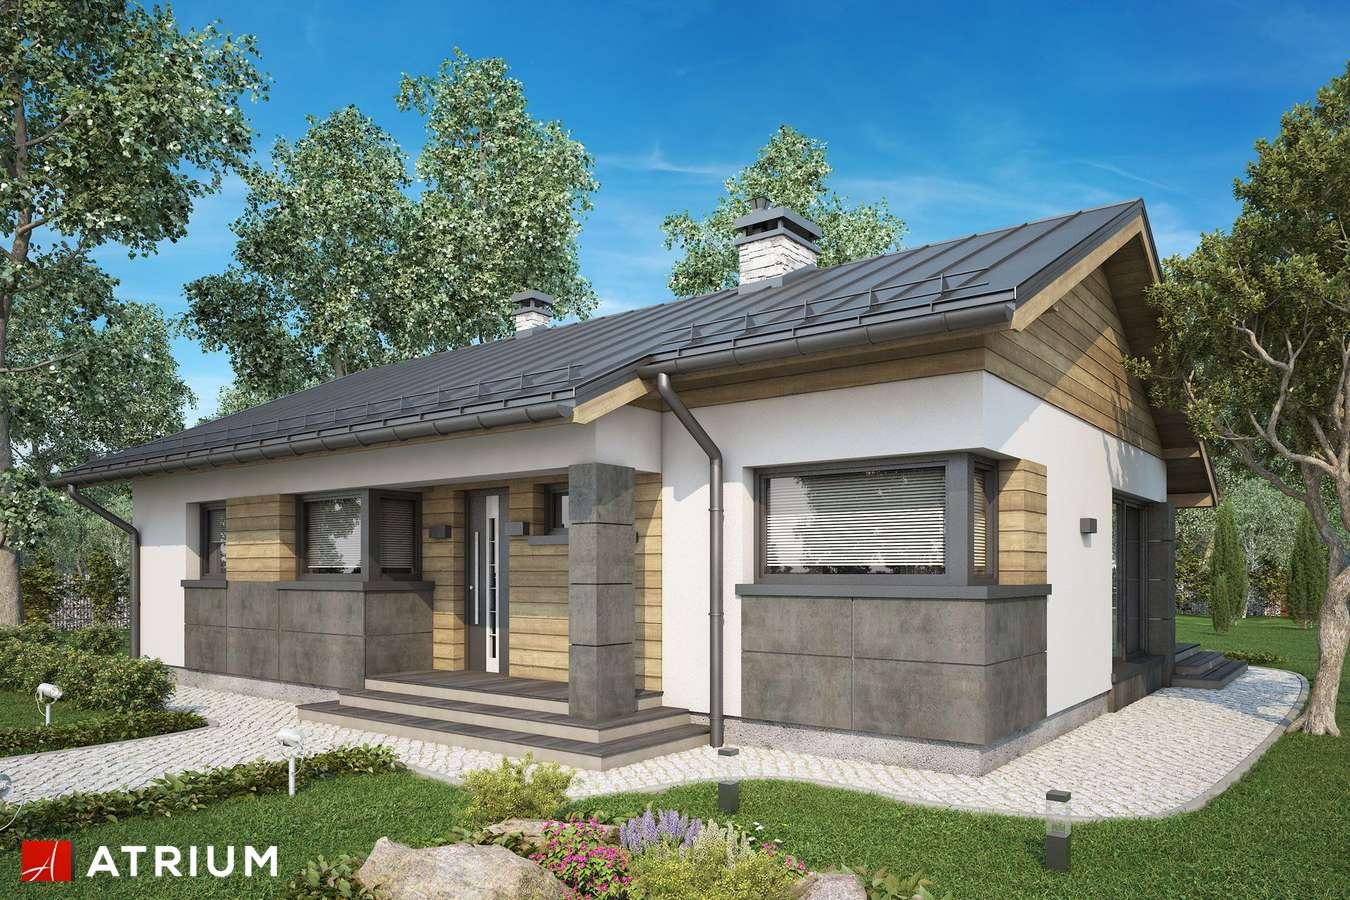 Projekty domów - Projekt domu parterowego ROBERTO IV - wizualizacja 2